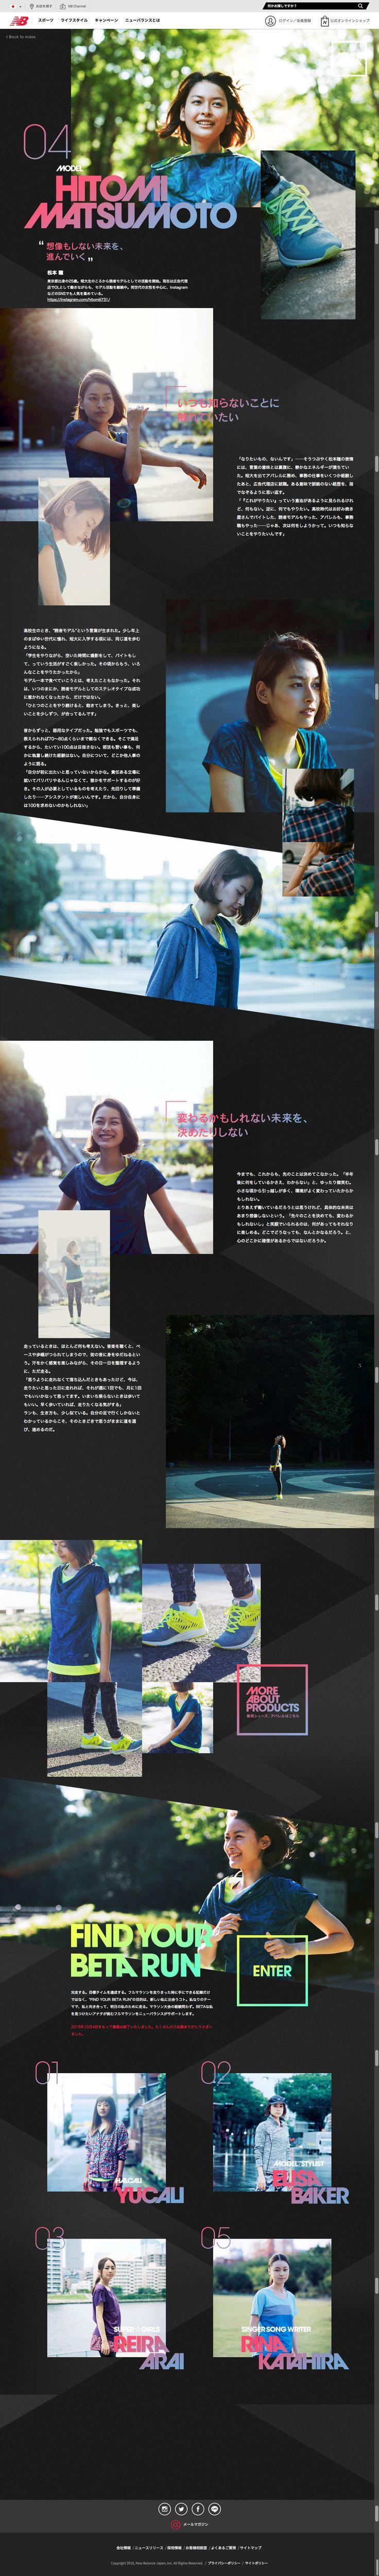 松本瞳---FIND-YOUR-BETA---New-Balance-Japan